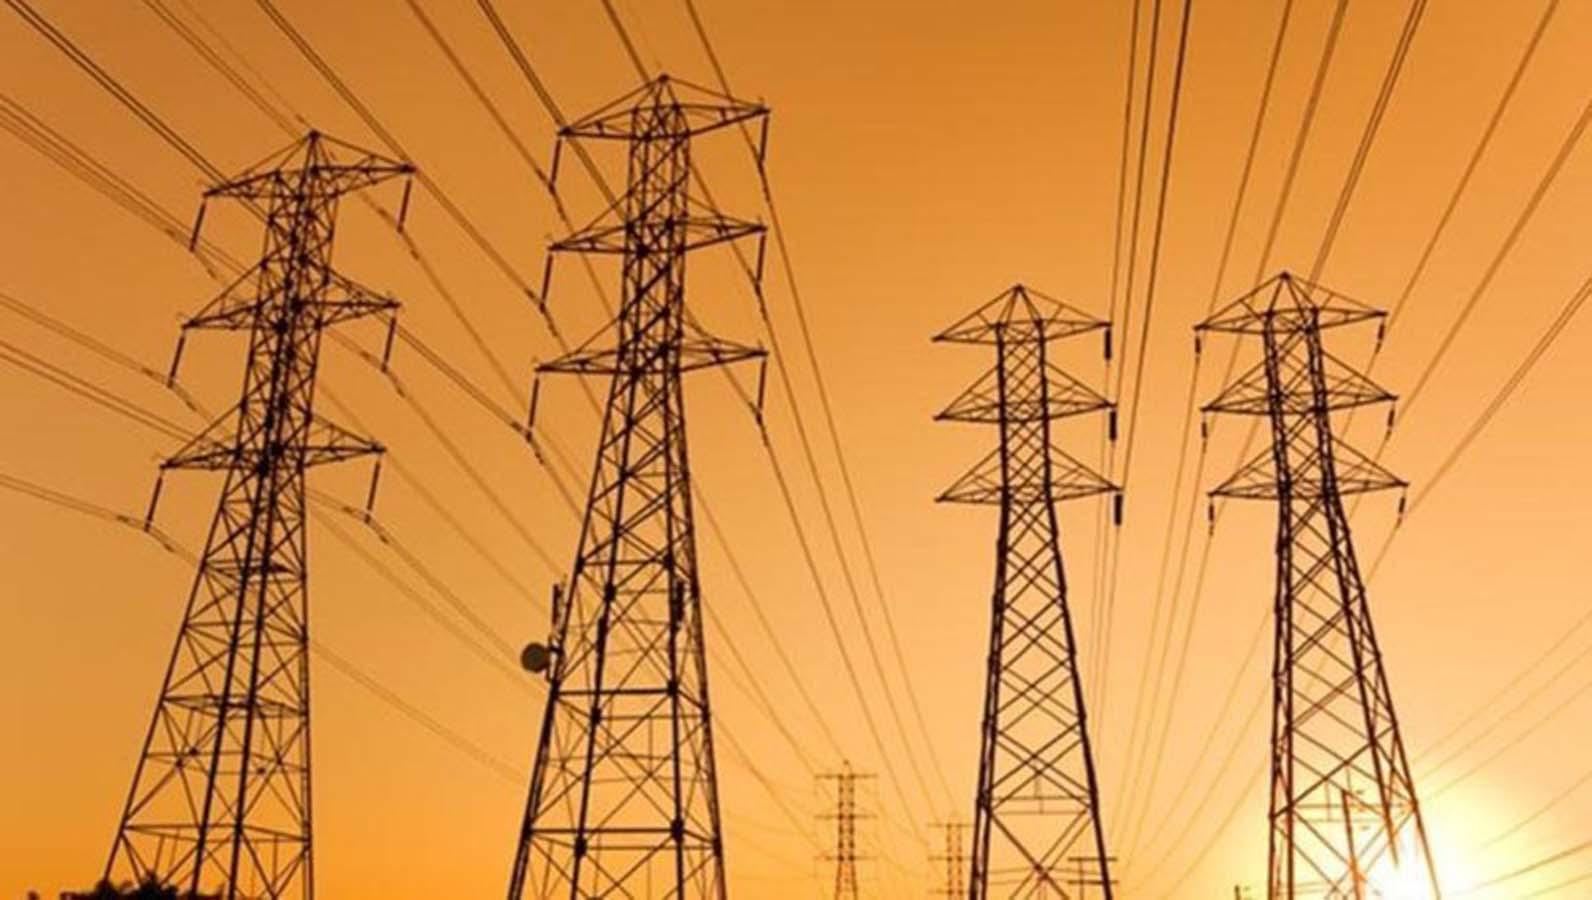 İstanbul elektrik kesintisi ne zaman gelir 8 Temmuz Perşembe? İstanbul planlı elektrik kesintileri (AYEDAŞ-BEDAŞ)